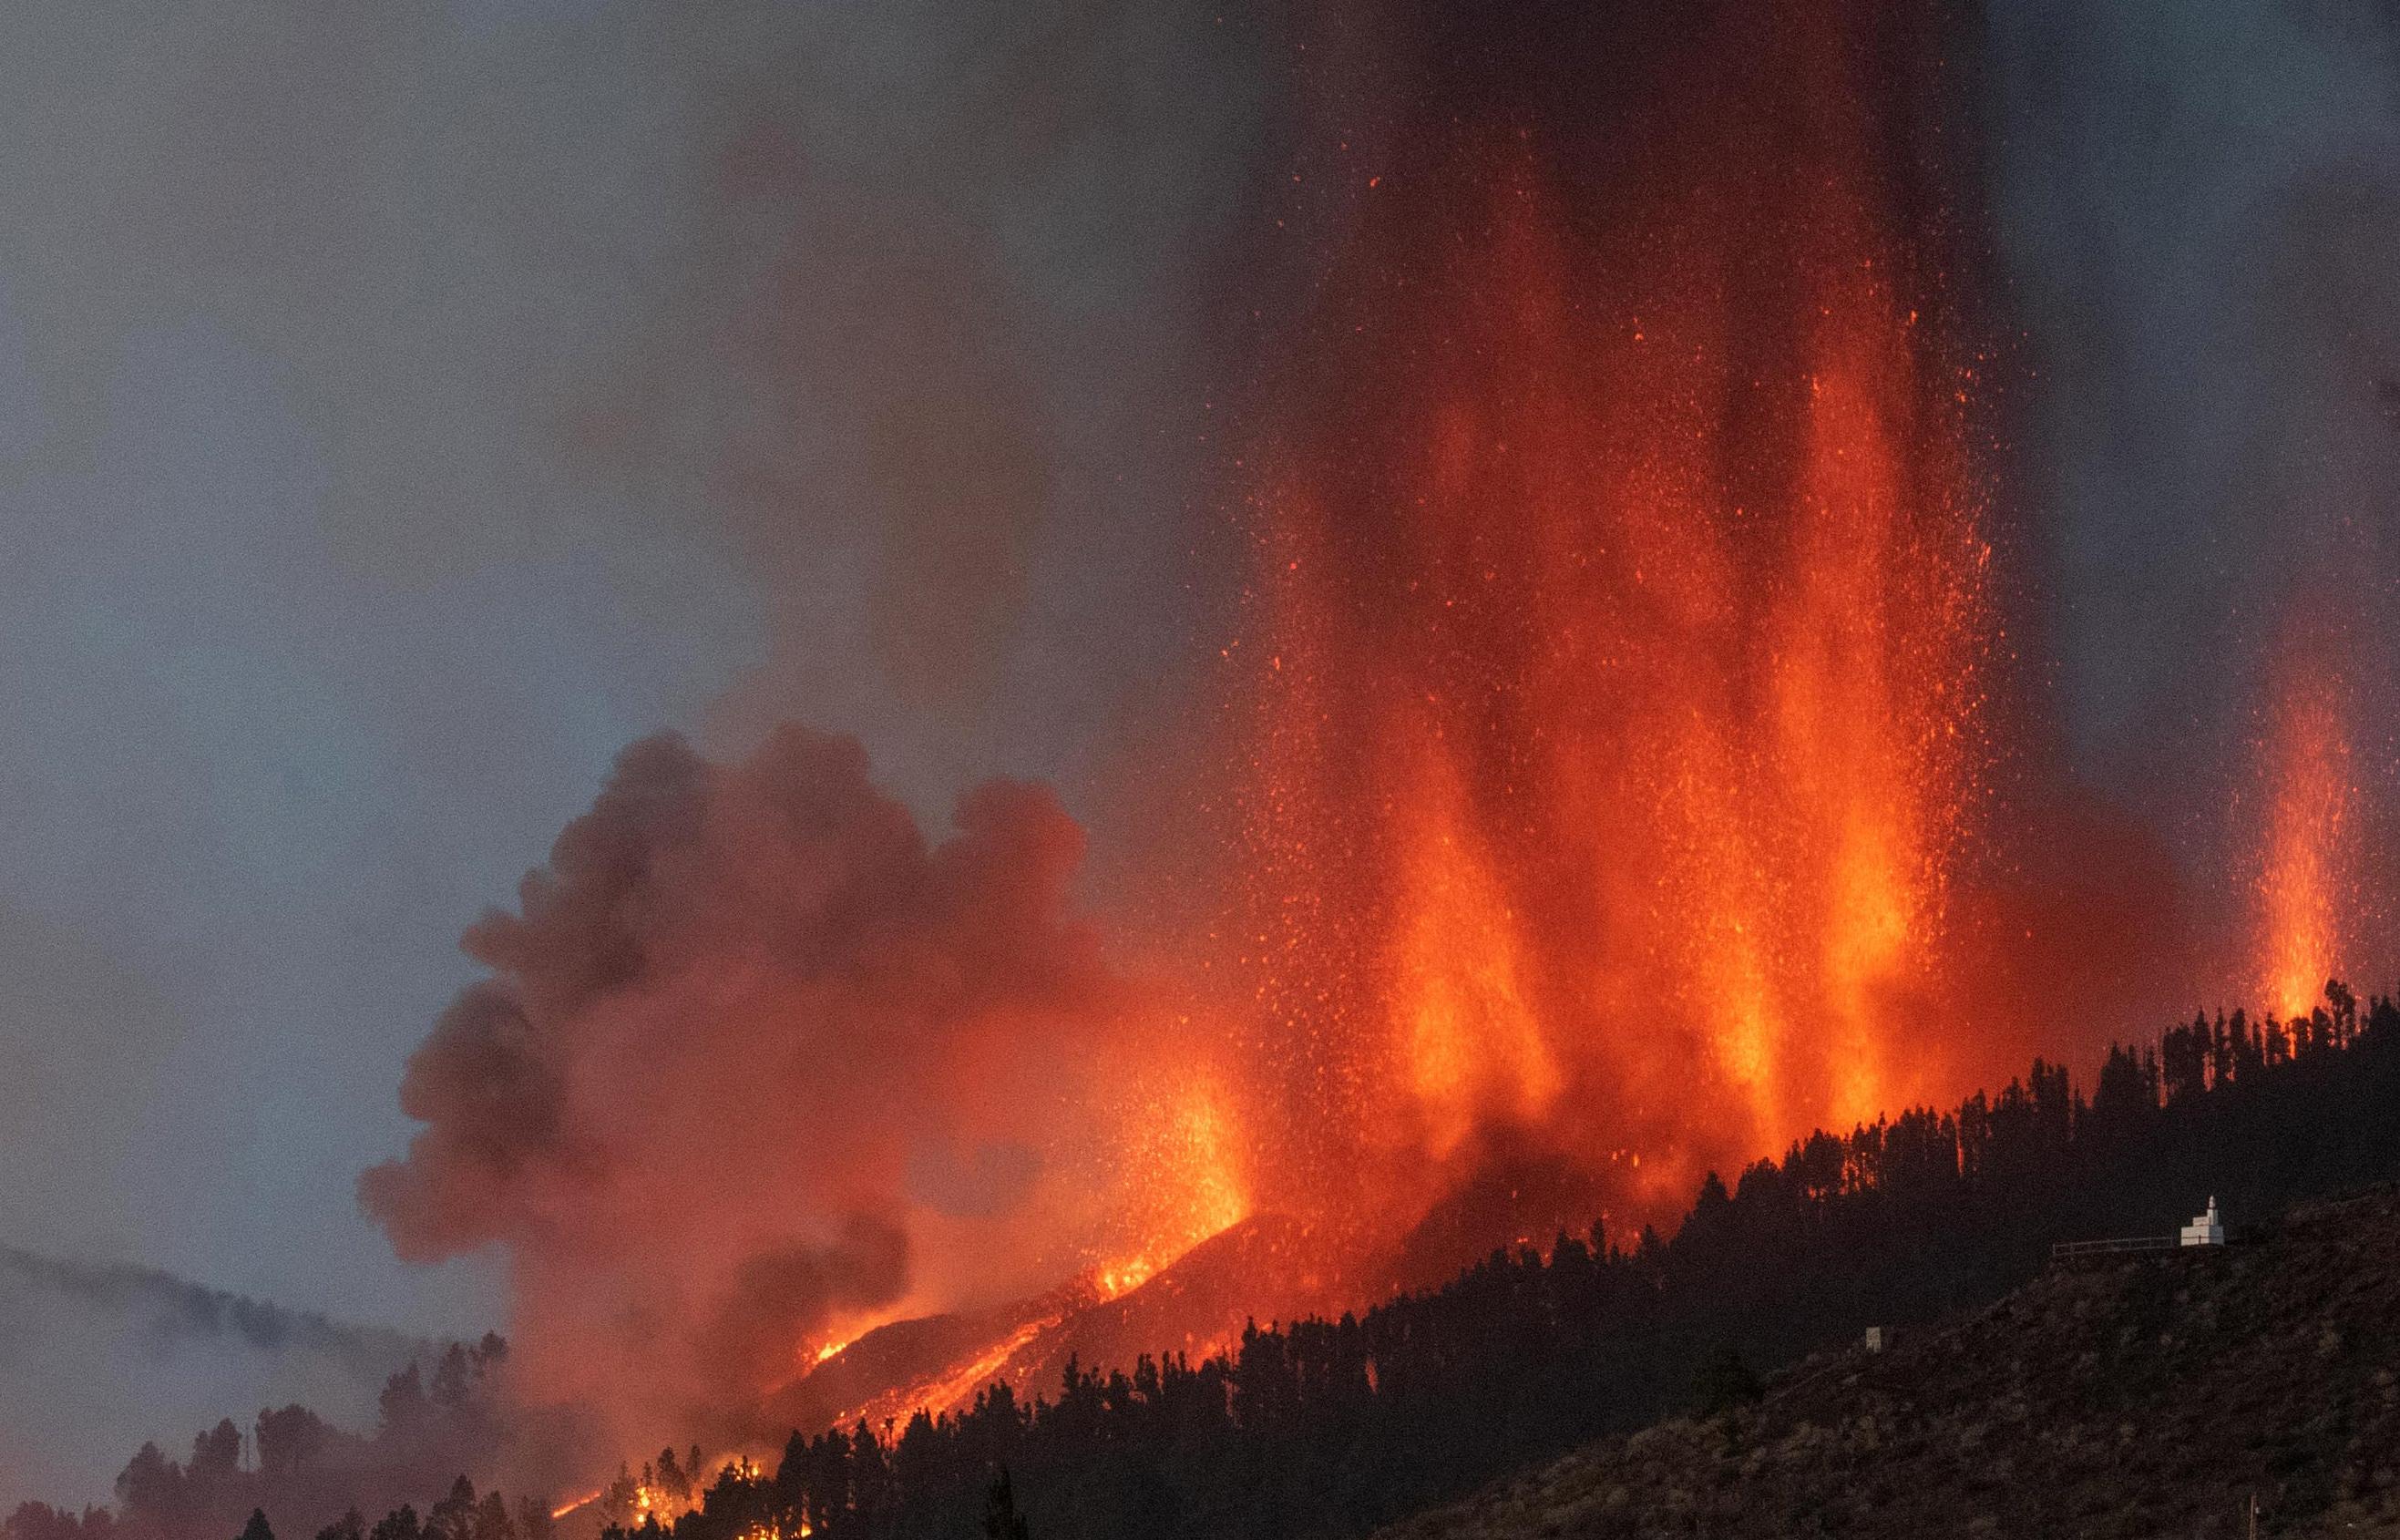 El Monte Cumbre Vieja entra en erupción en El Paso, arrojando columnas de humo, ceniza y lava como se ve desde Los Llanos de Aridane en la isla canaria de La Palma el 19 de septiembre de 2021.